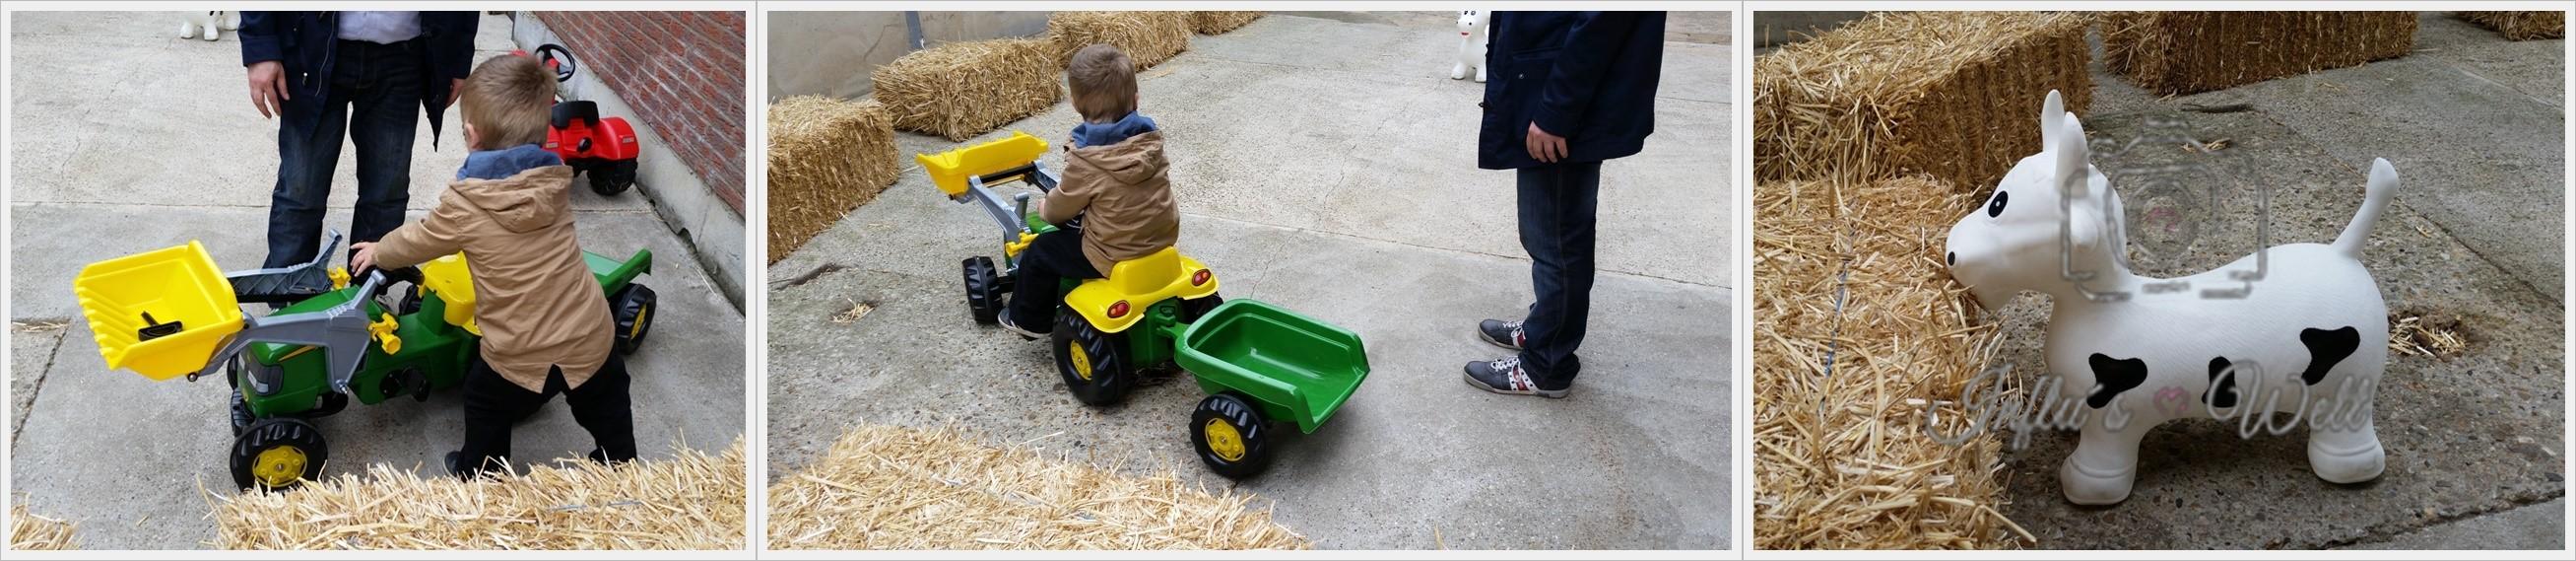 kleine Milchbauern in Ausbildung